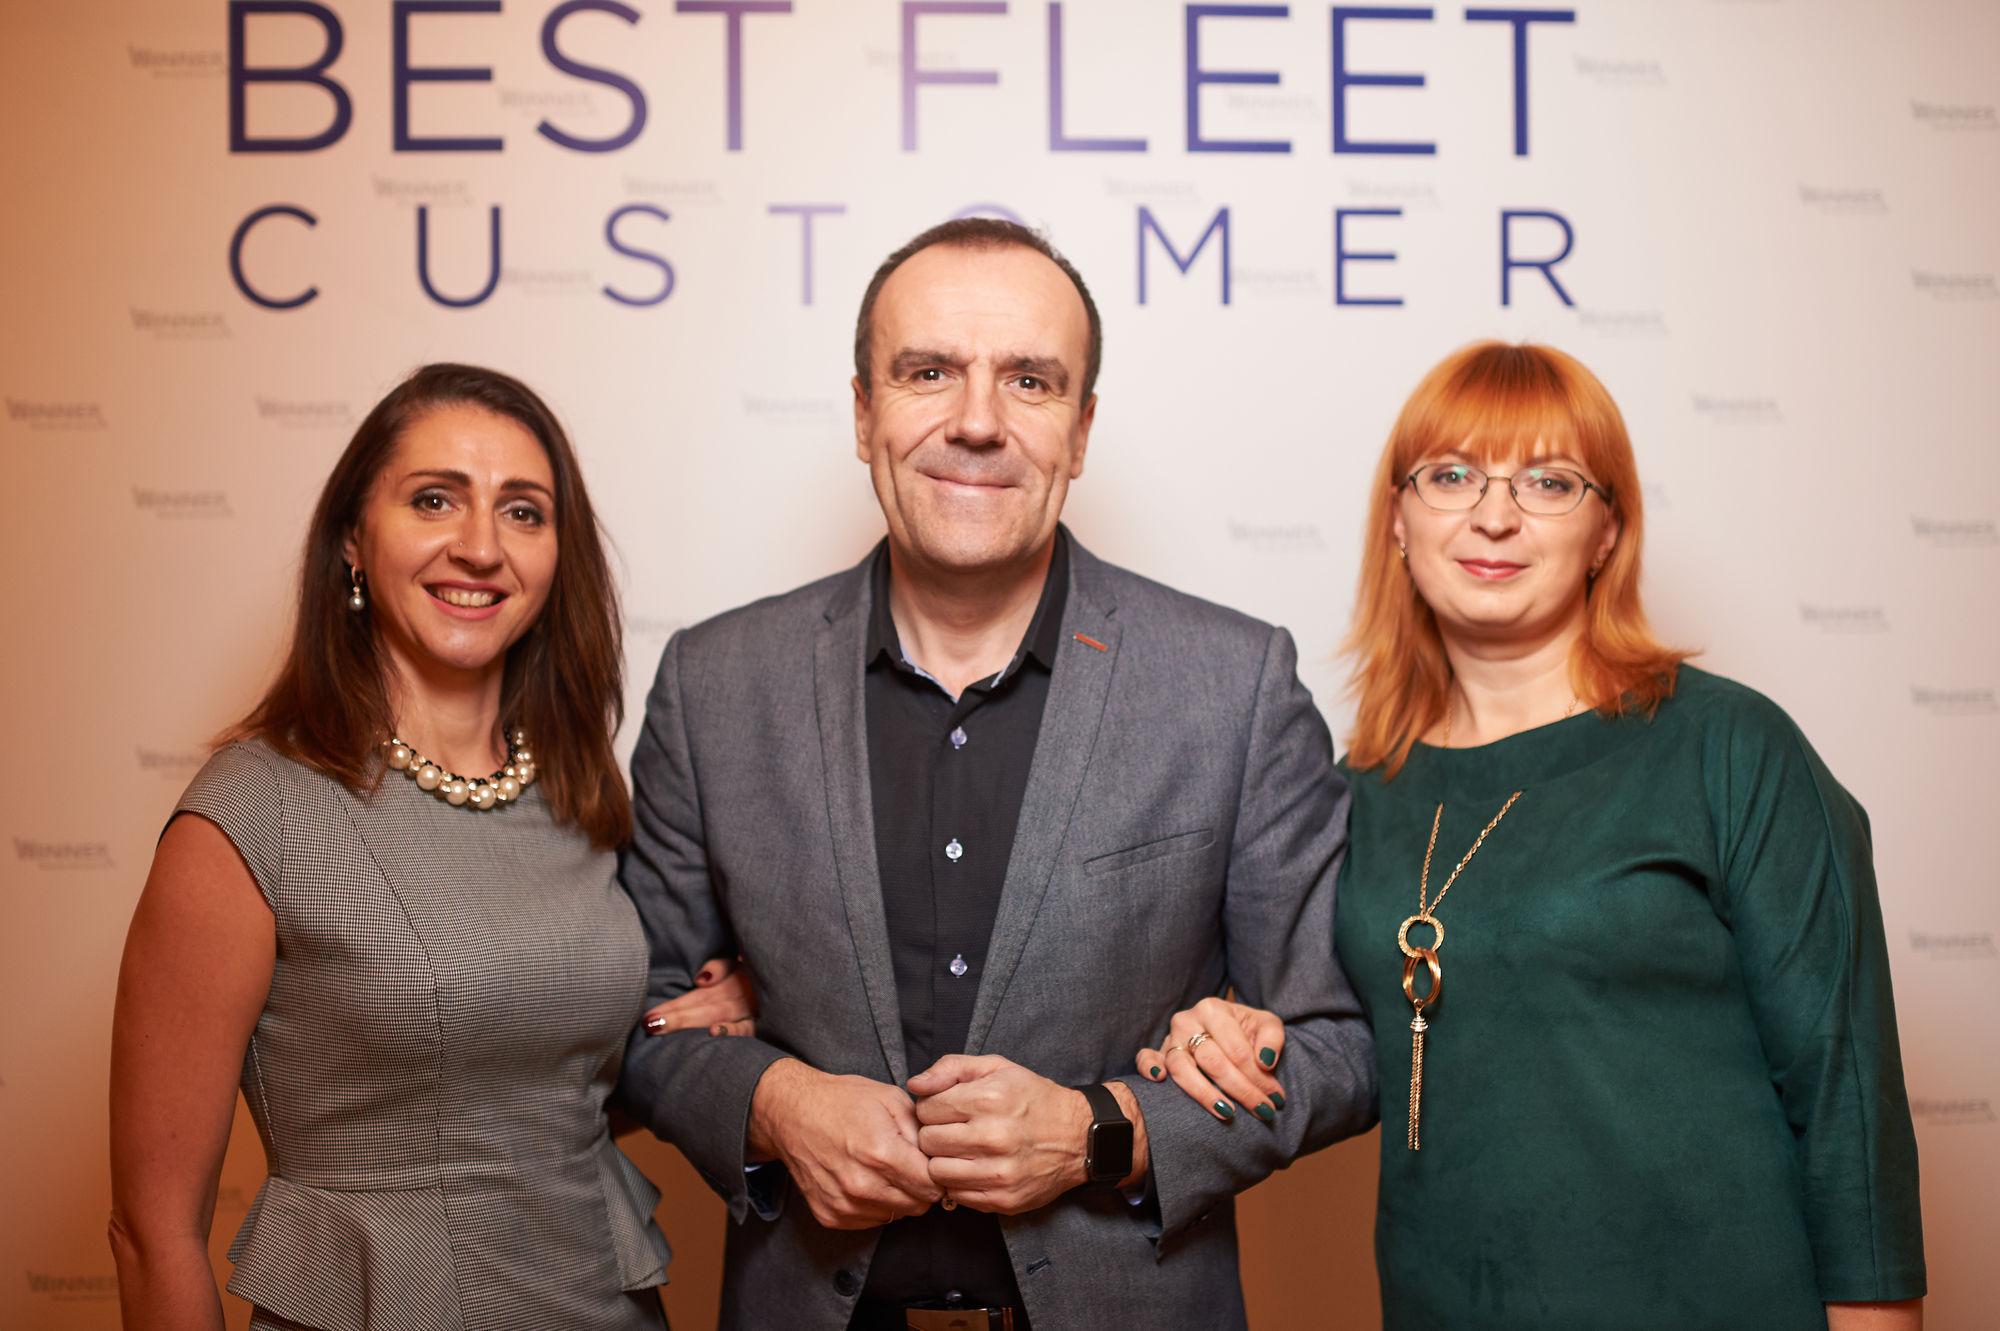 Найкращий корпоративний клієнт «Віннер Автомотів» - офіційний представник Winner в Україні